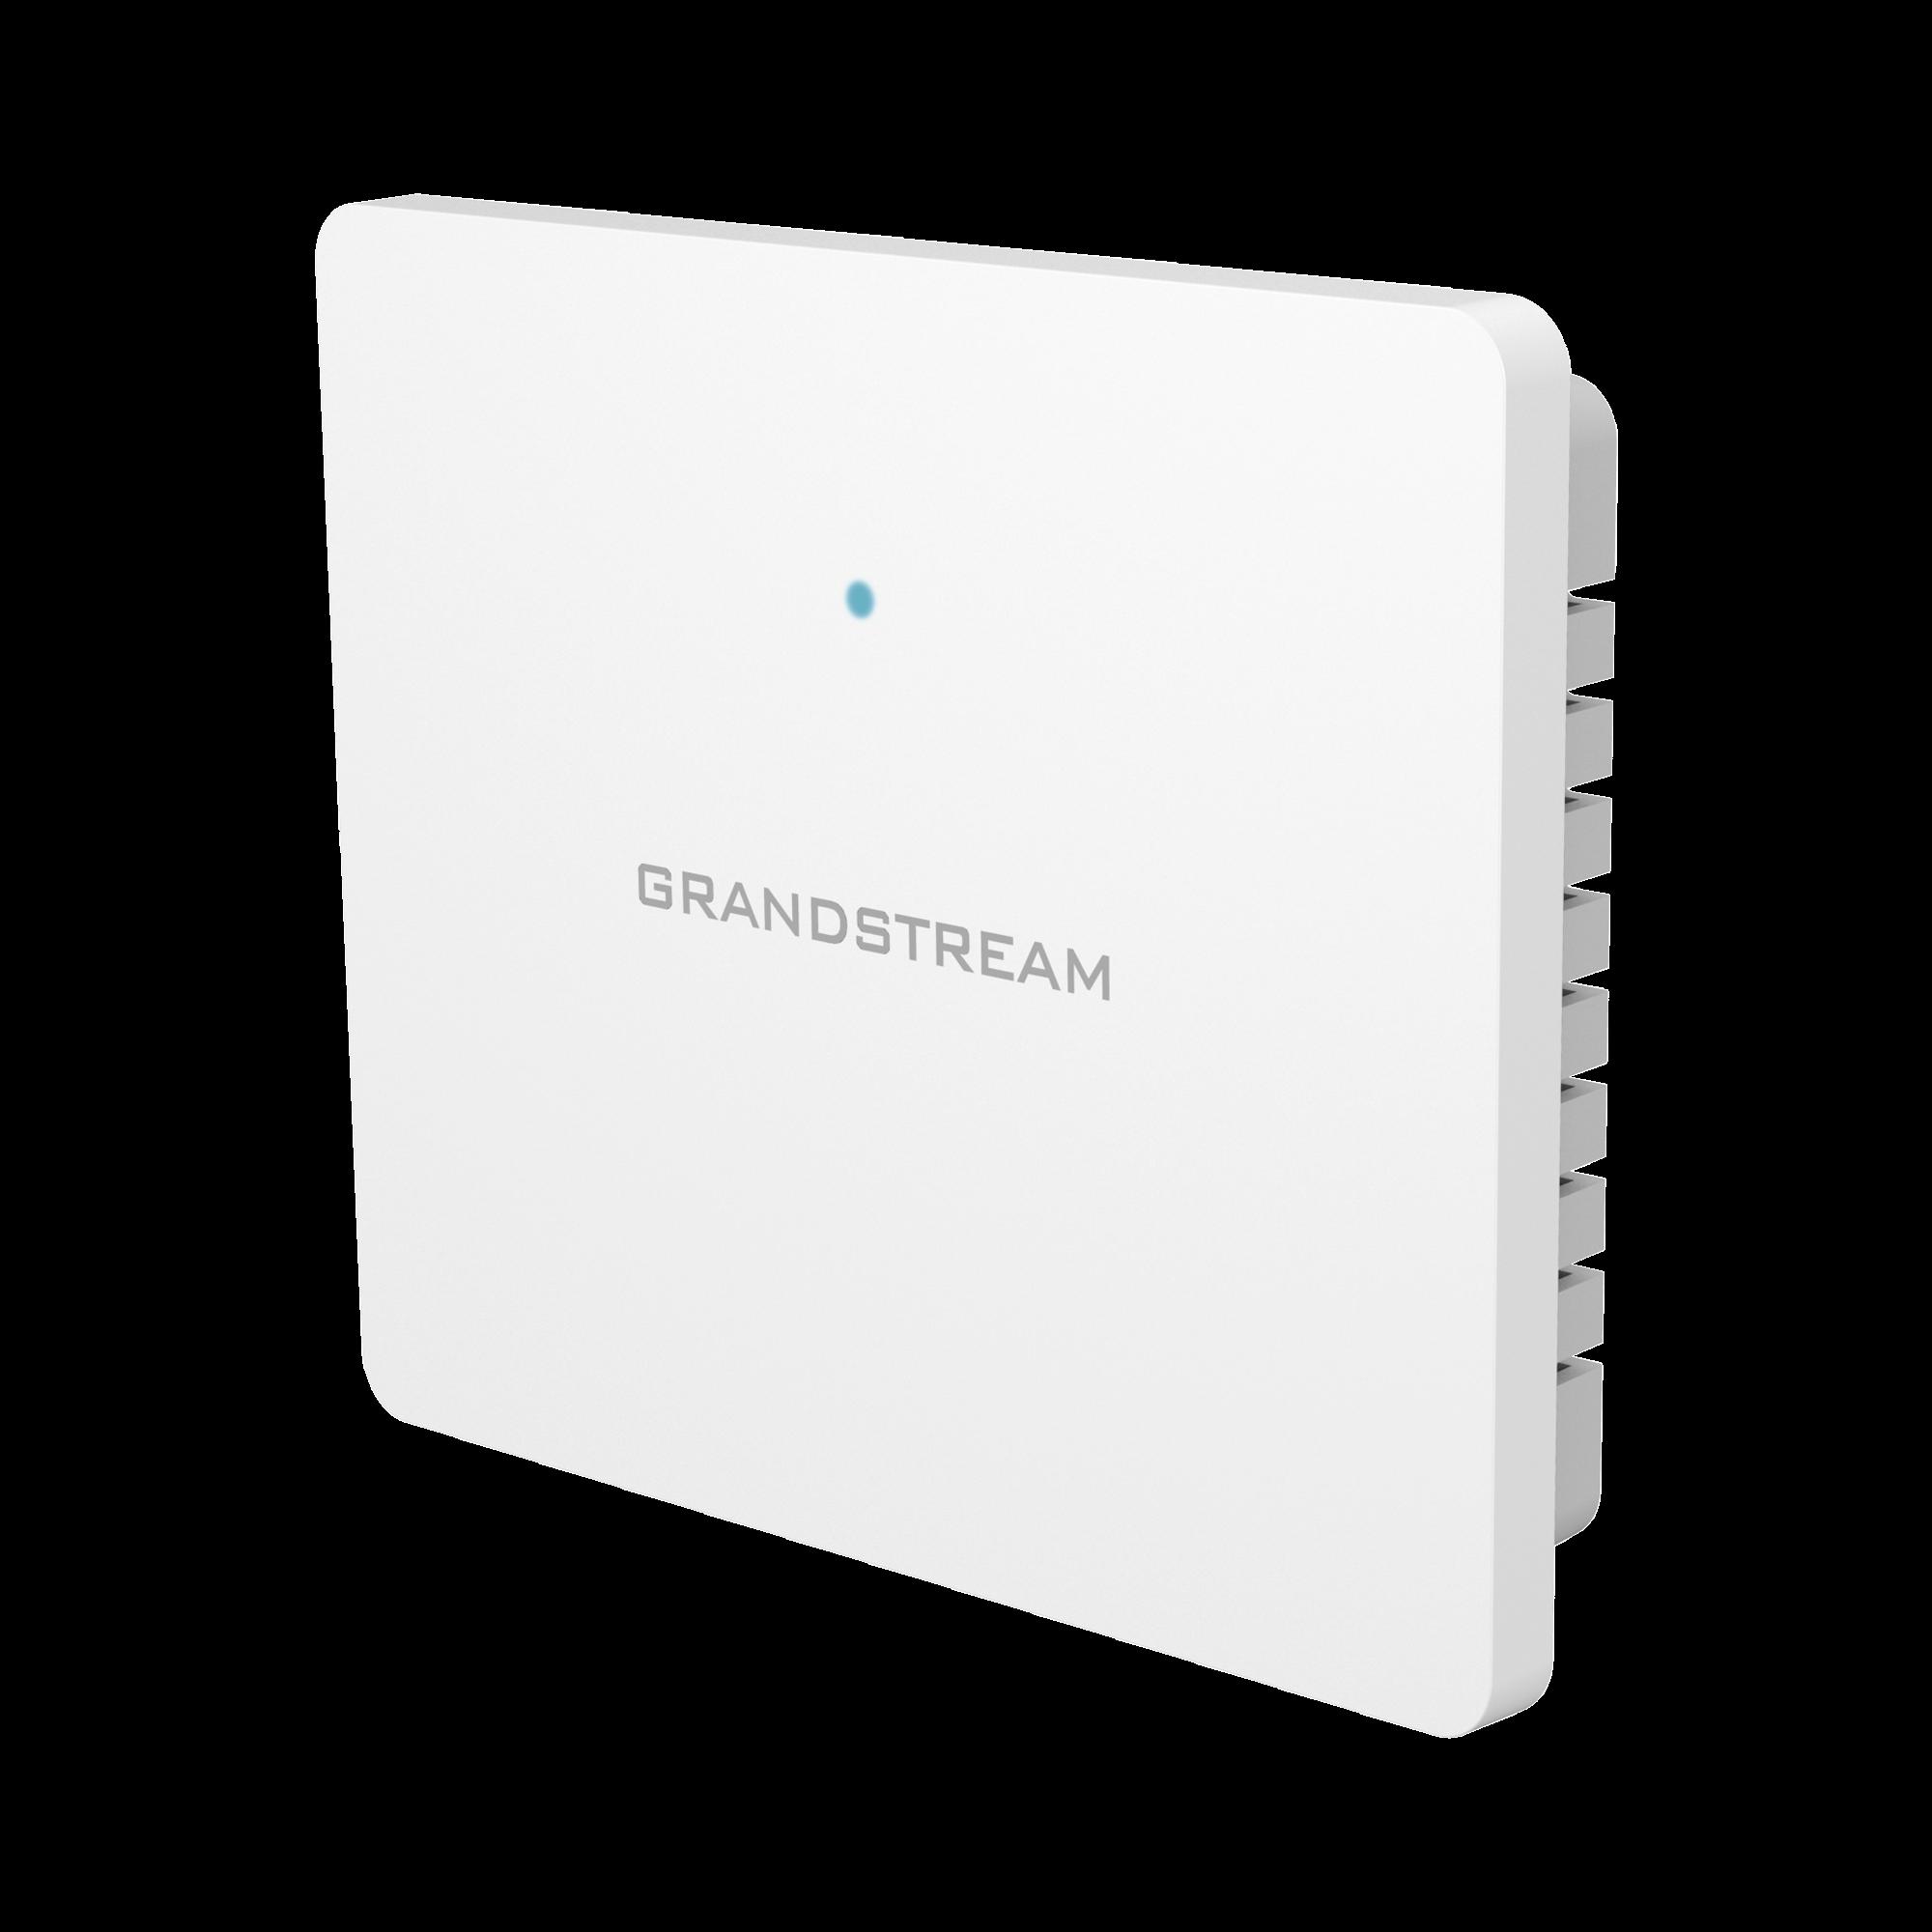 Punto de Acceso Wi-Fi con Switch Ethernet Integrado, configuracion desde la nube o stand-alone.